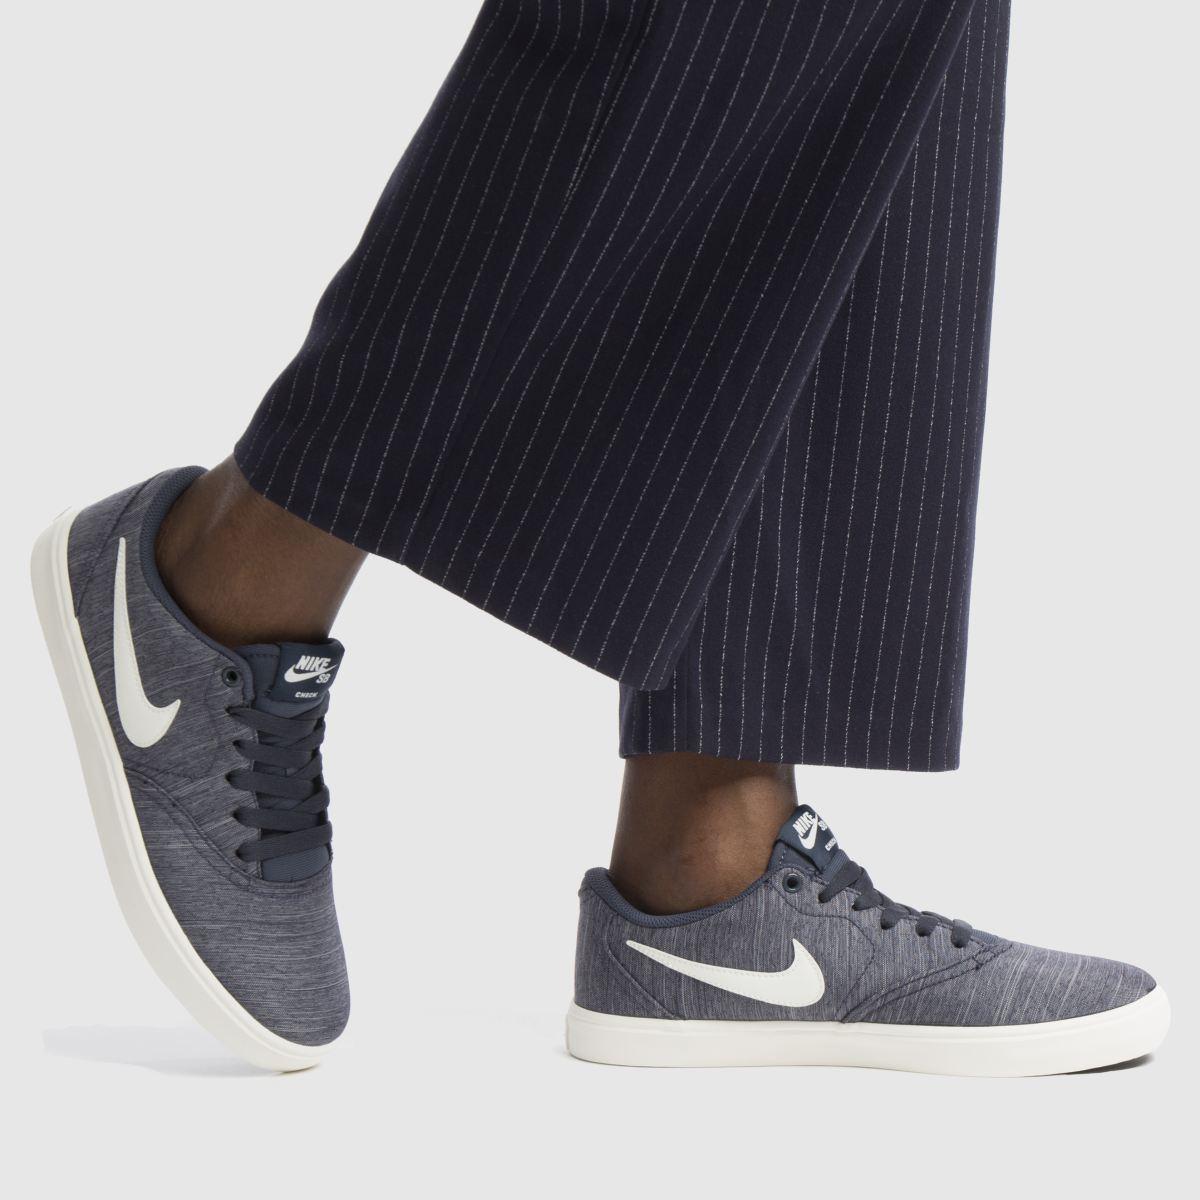 Damen Marineblau-weiß nike sb Check Solarsoft Canvas Sneaker | schuh Gute Qualität beliebte Schuhe